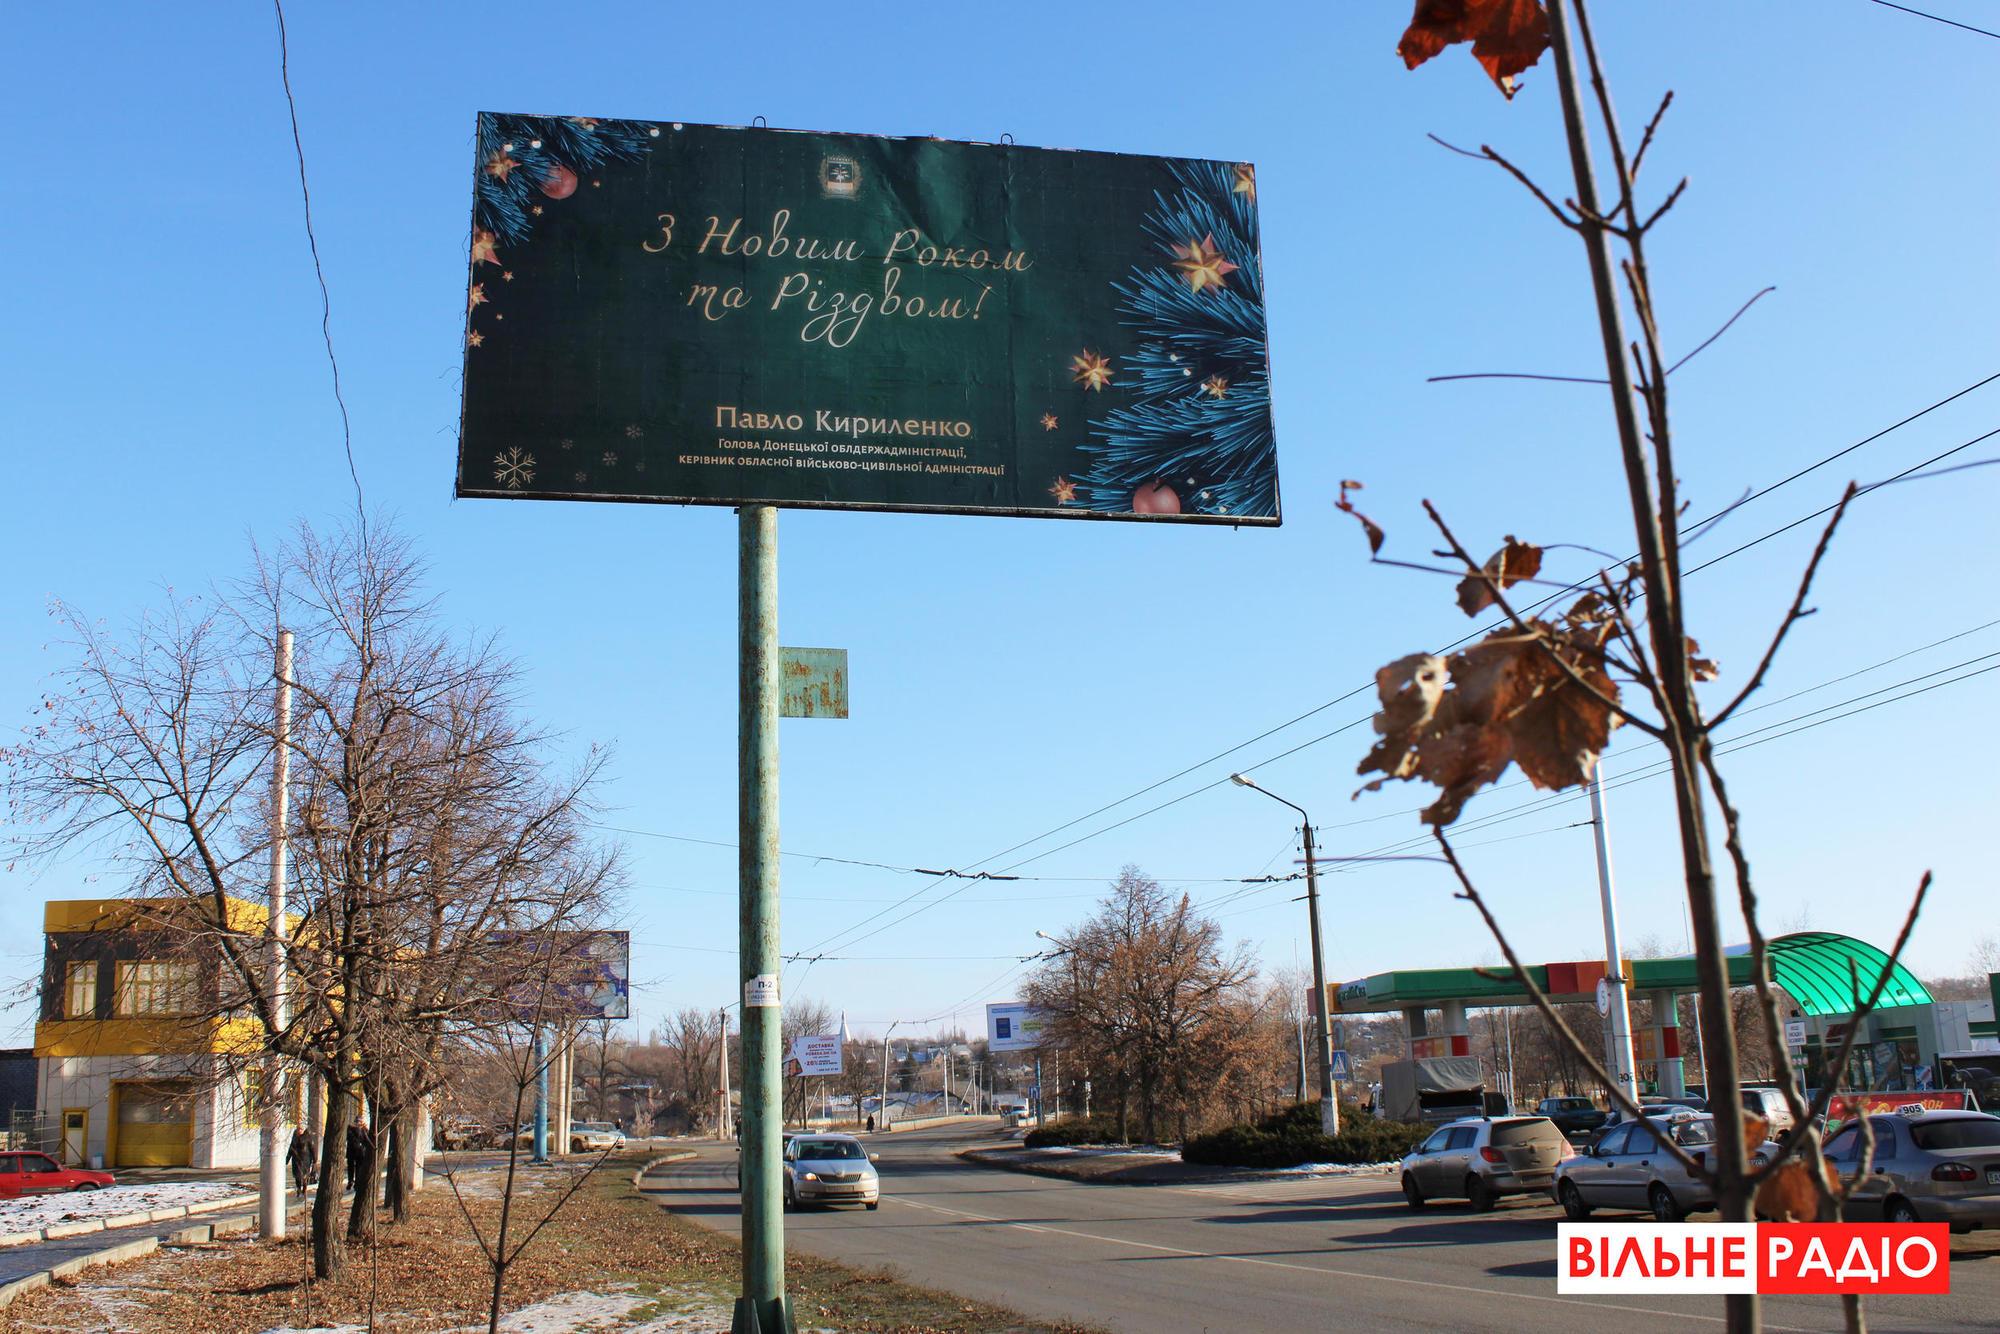 Поздравление с Рождеством от главы Донецкой области Павла Кириленко